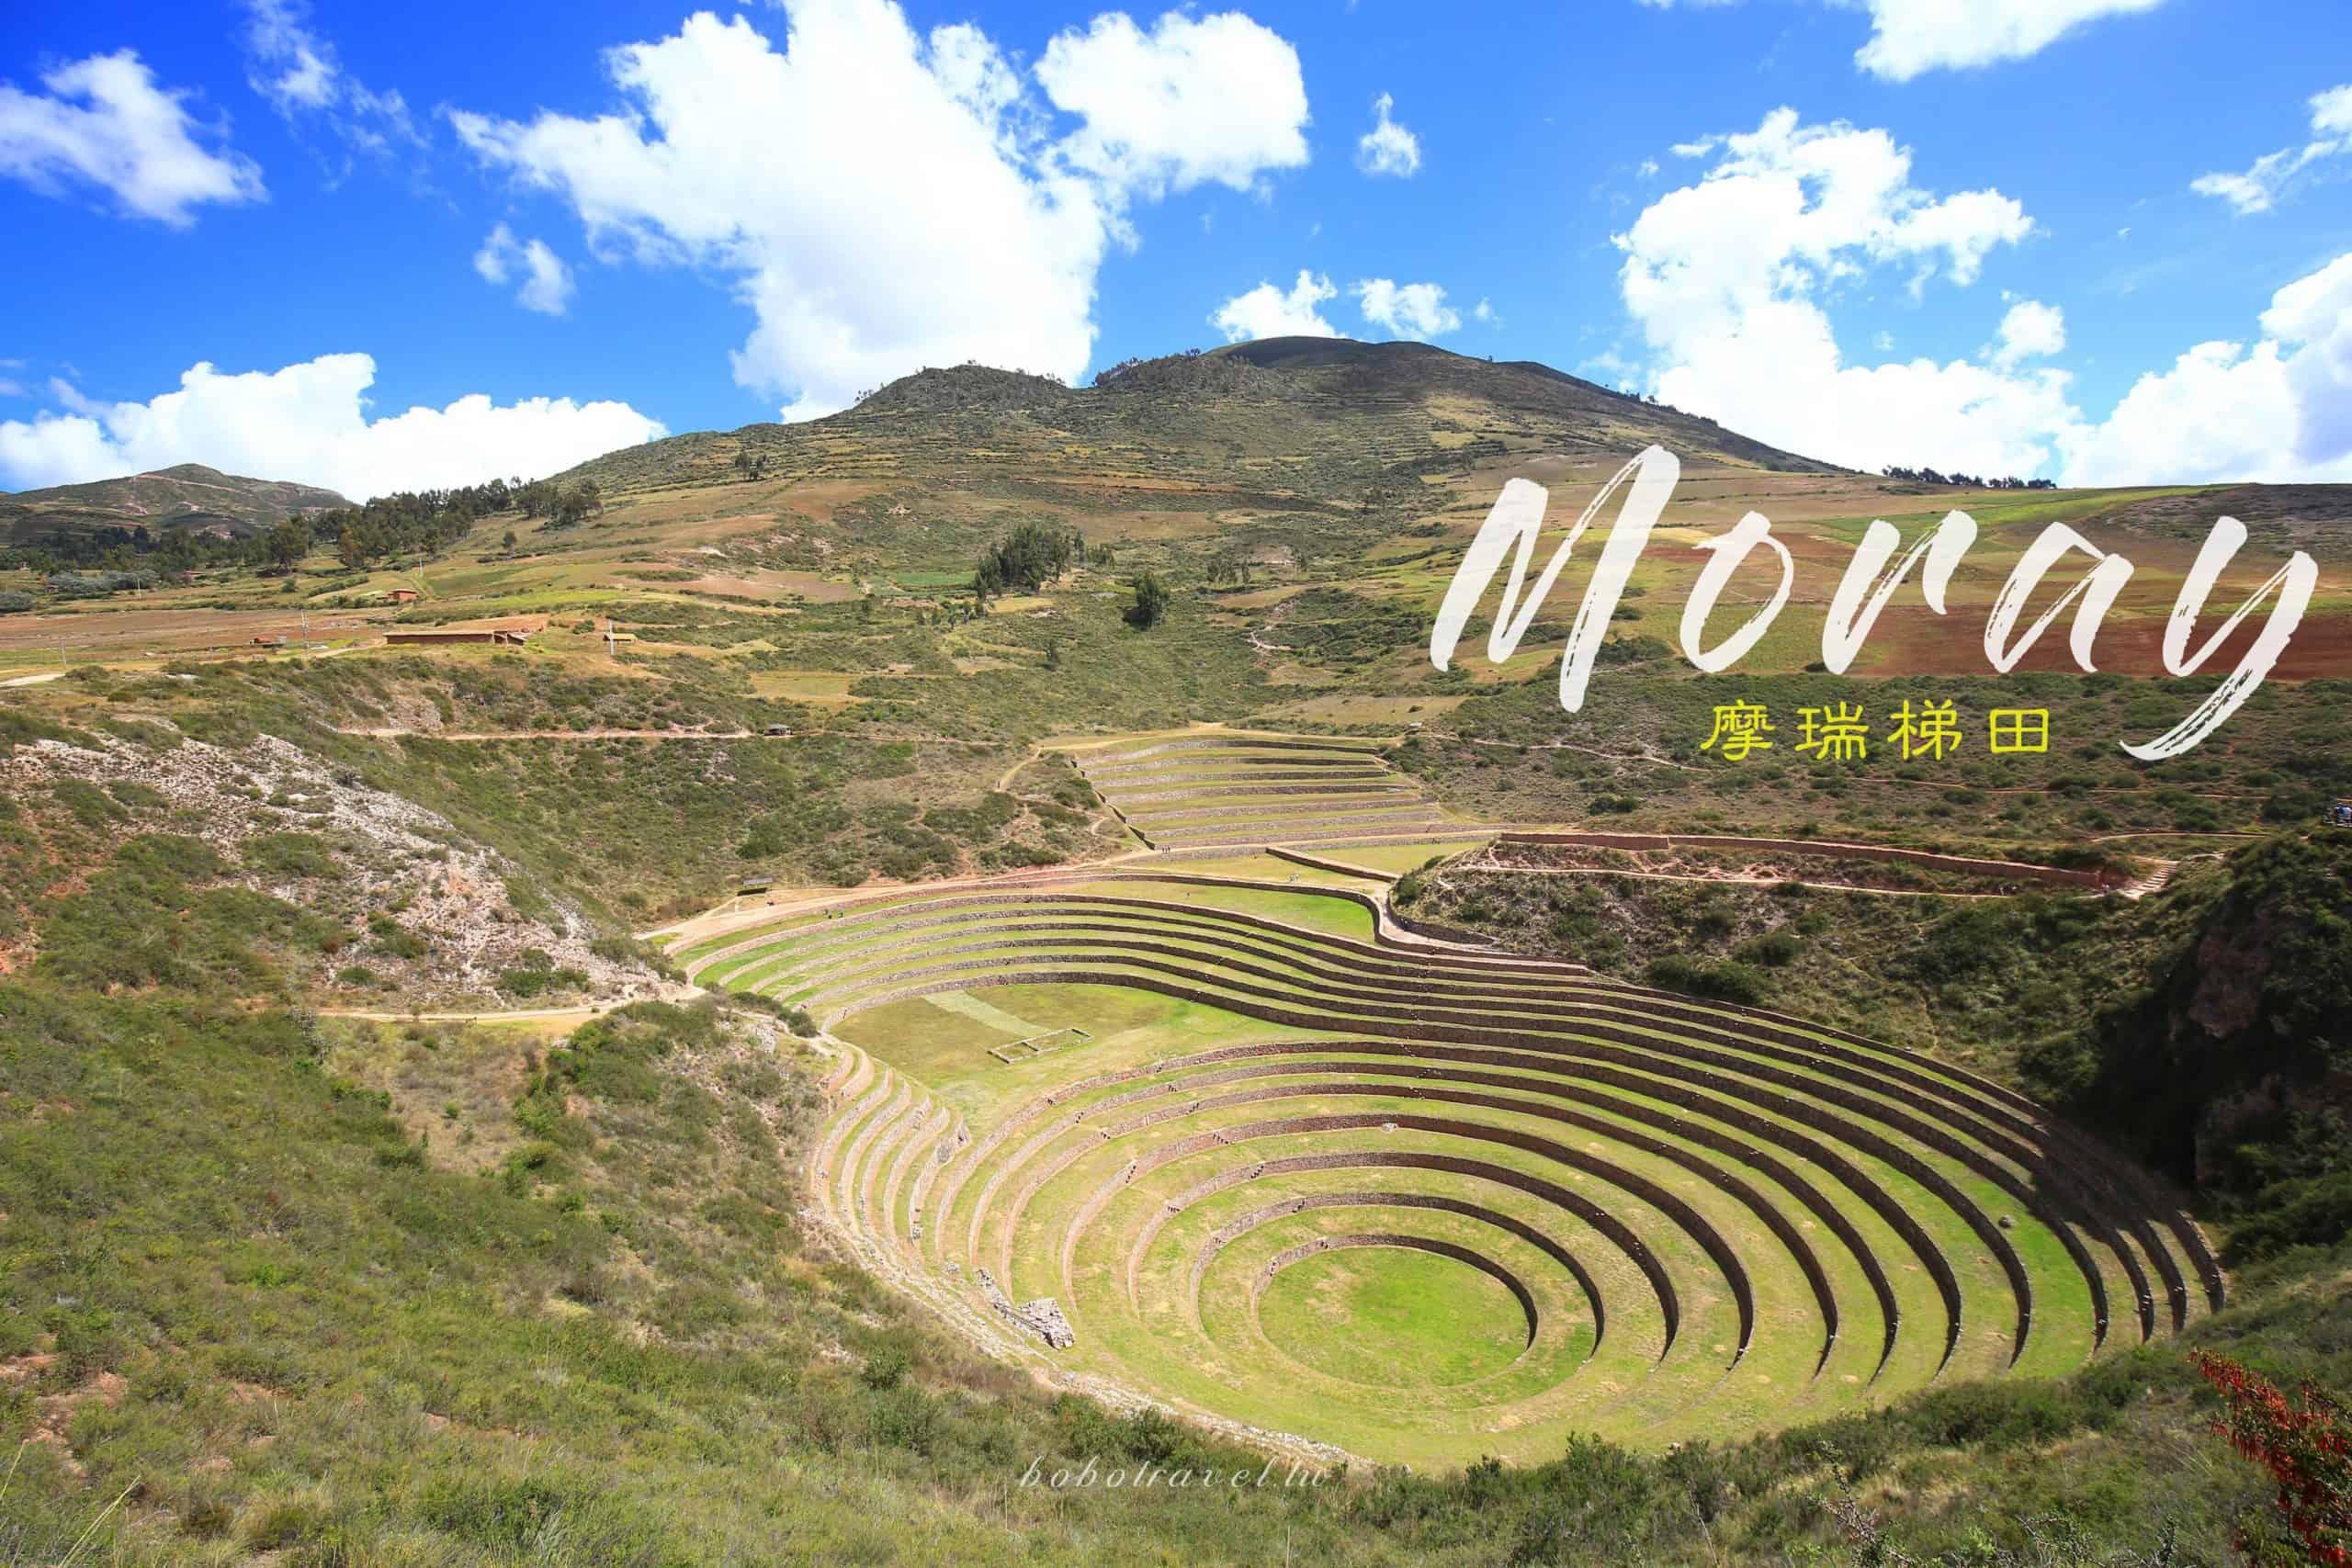 秘魯、庫斯科近郊|DAY 8-3 Sacred valley聖谷。Moray 摩瑞梯田朝聖印加王朝,藏在幽谷內的智慧溫室